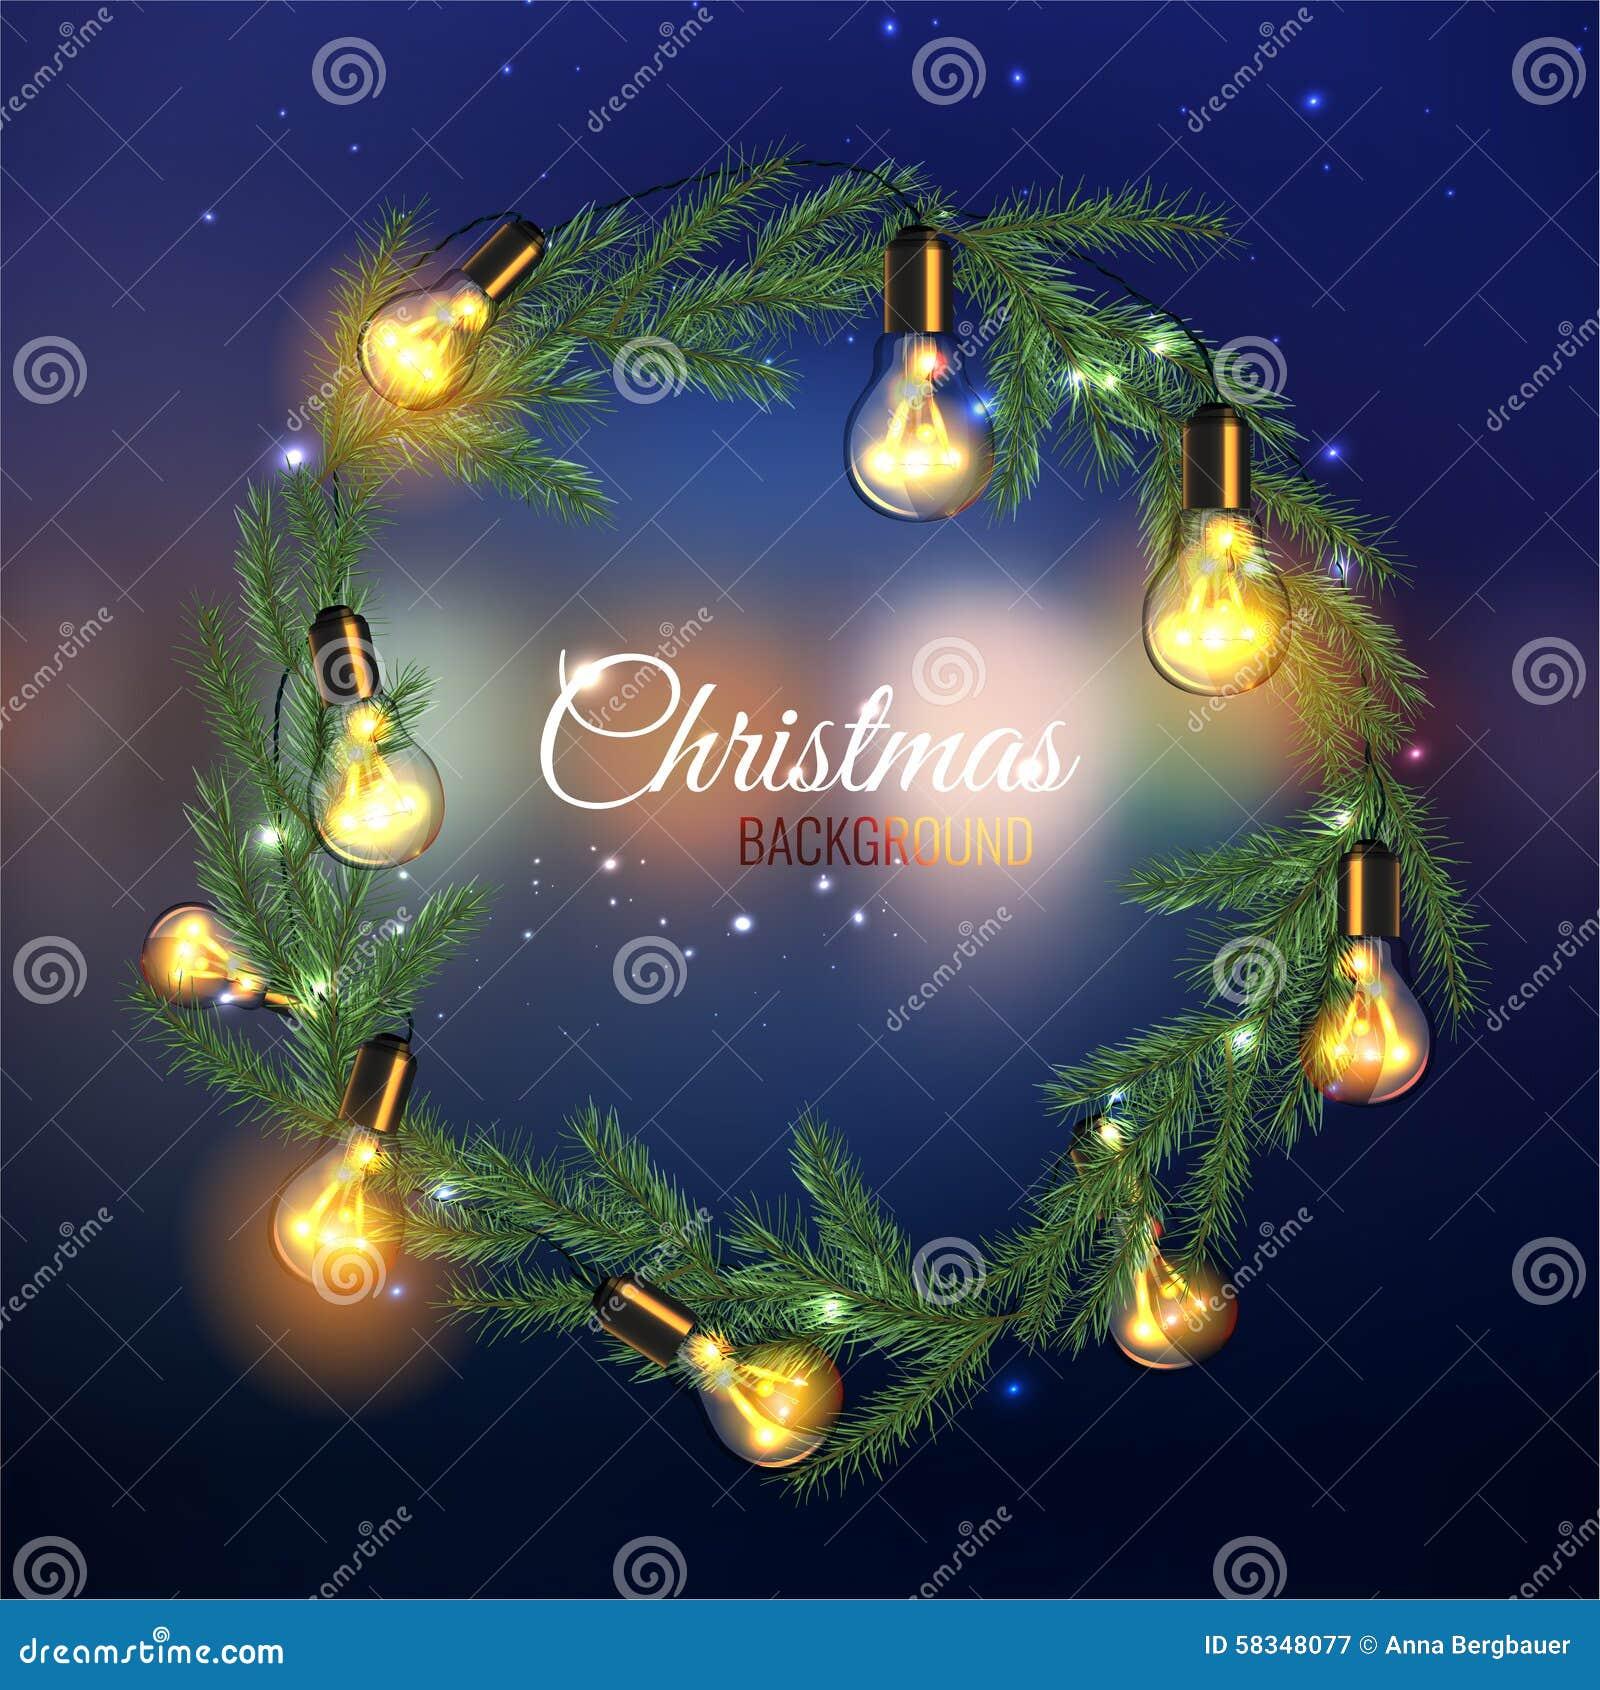 Weihnachtsbaum Girlande.Weihnachtsbaum Girlande Vektor Abbildung Illustration Von Glühen